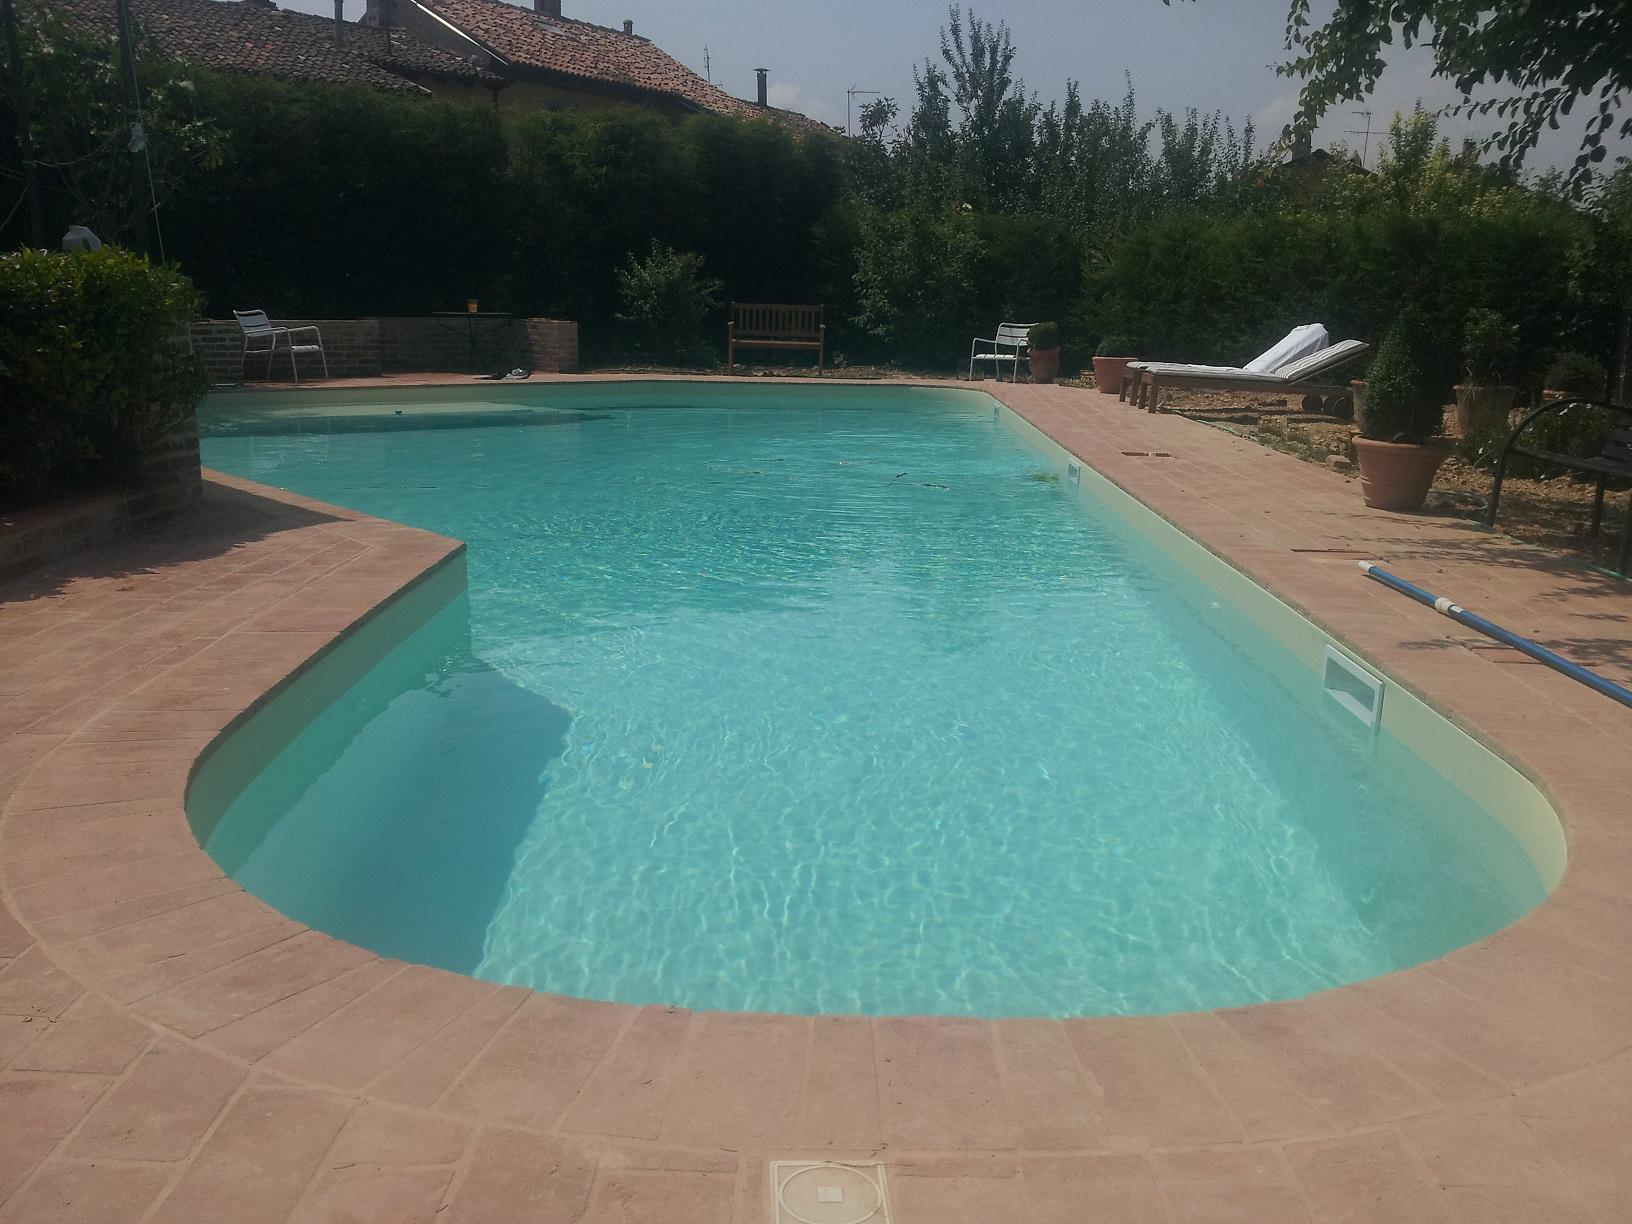 piscina 15 x 6 m a forma libera con spiaggia e scalinata in opera, nuoto contro corrente, circolazione a skimmer, rivestimento PVC armato color sabbia